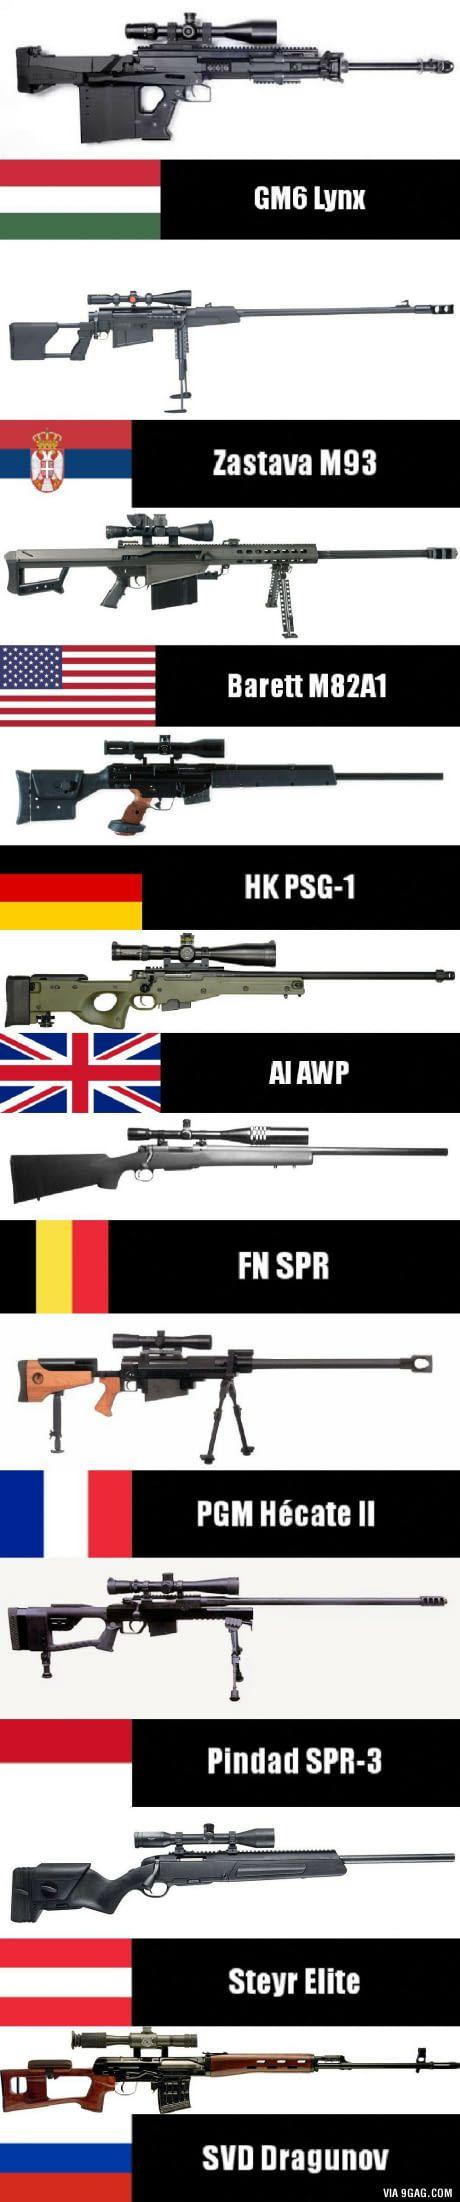 Какая из них ваша любимая снайперская винтовка?